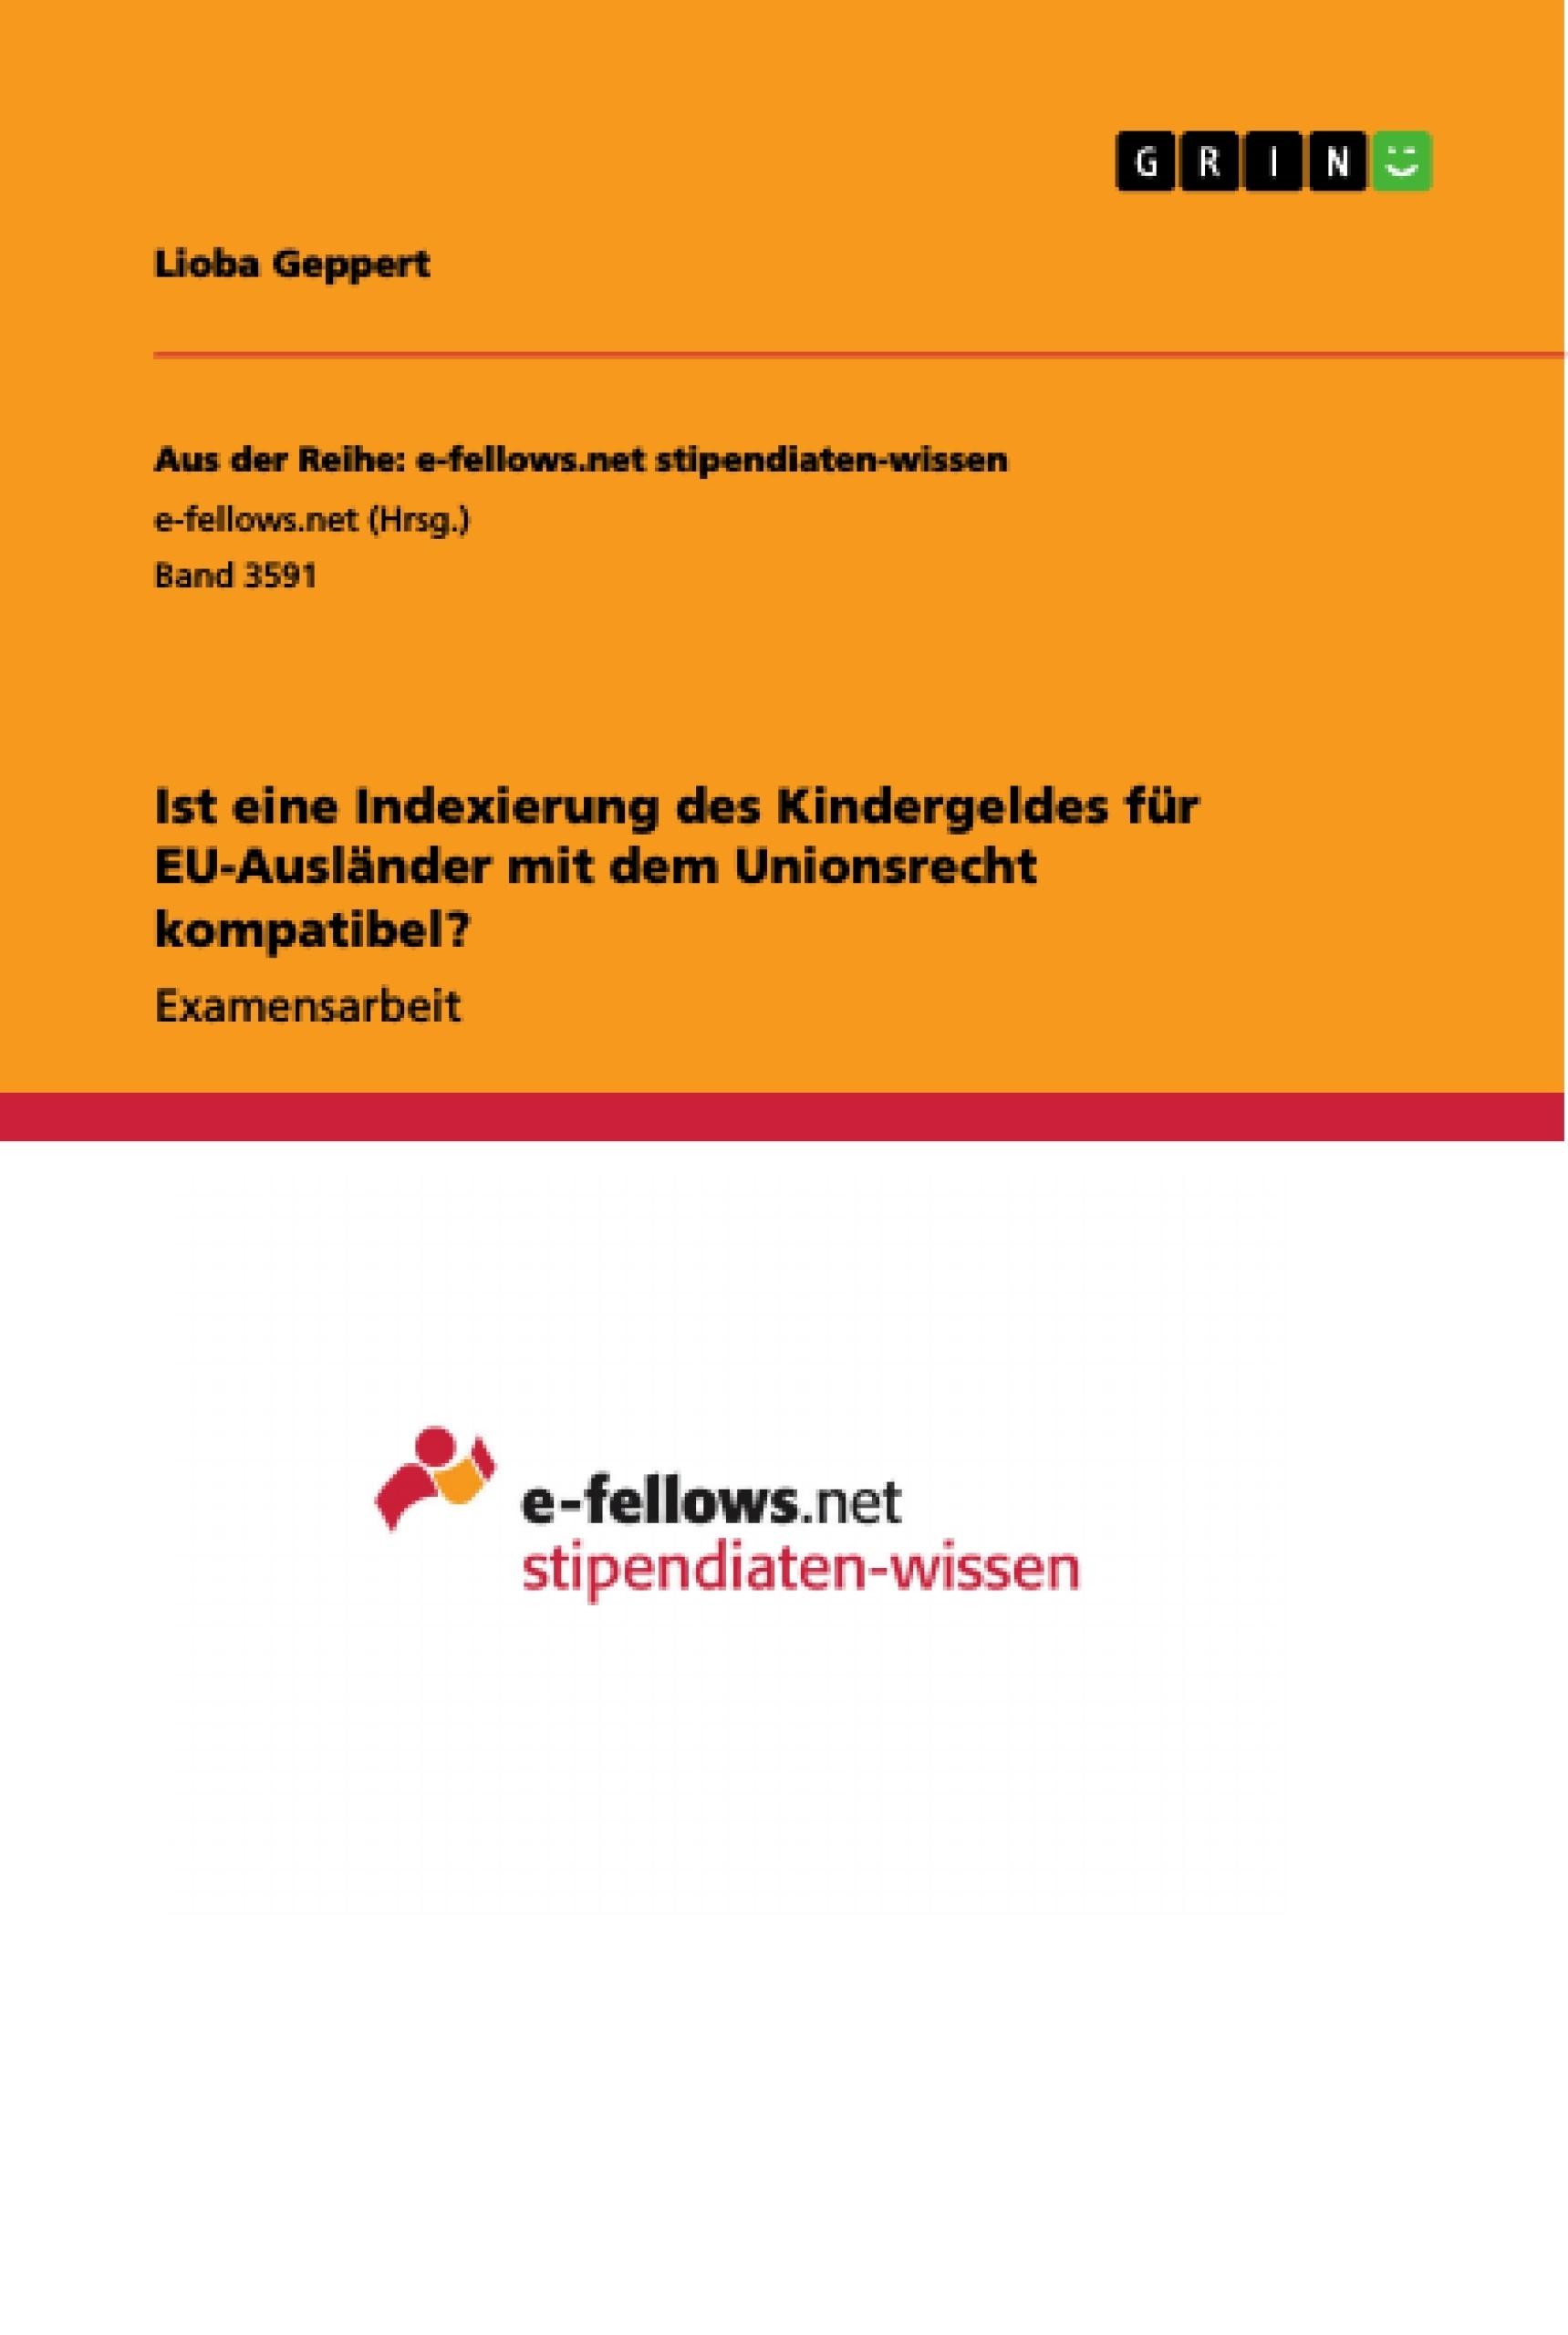 Titel: Ist eine Indexierung des Kindergeldes für EU-Ausländer mit dem Unionsrecht kompatibel?